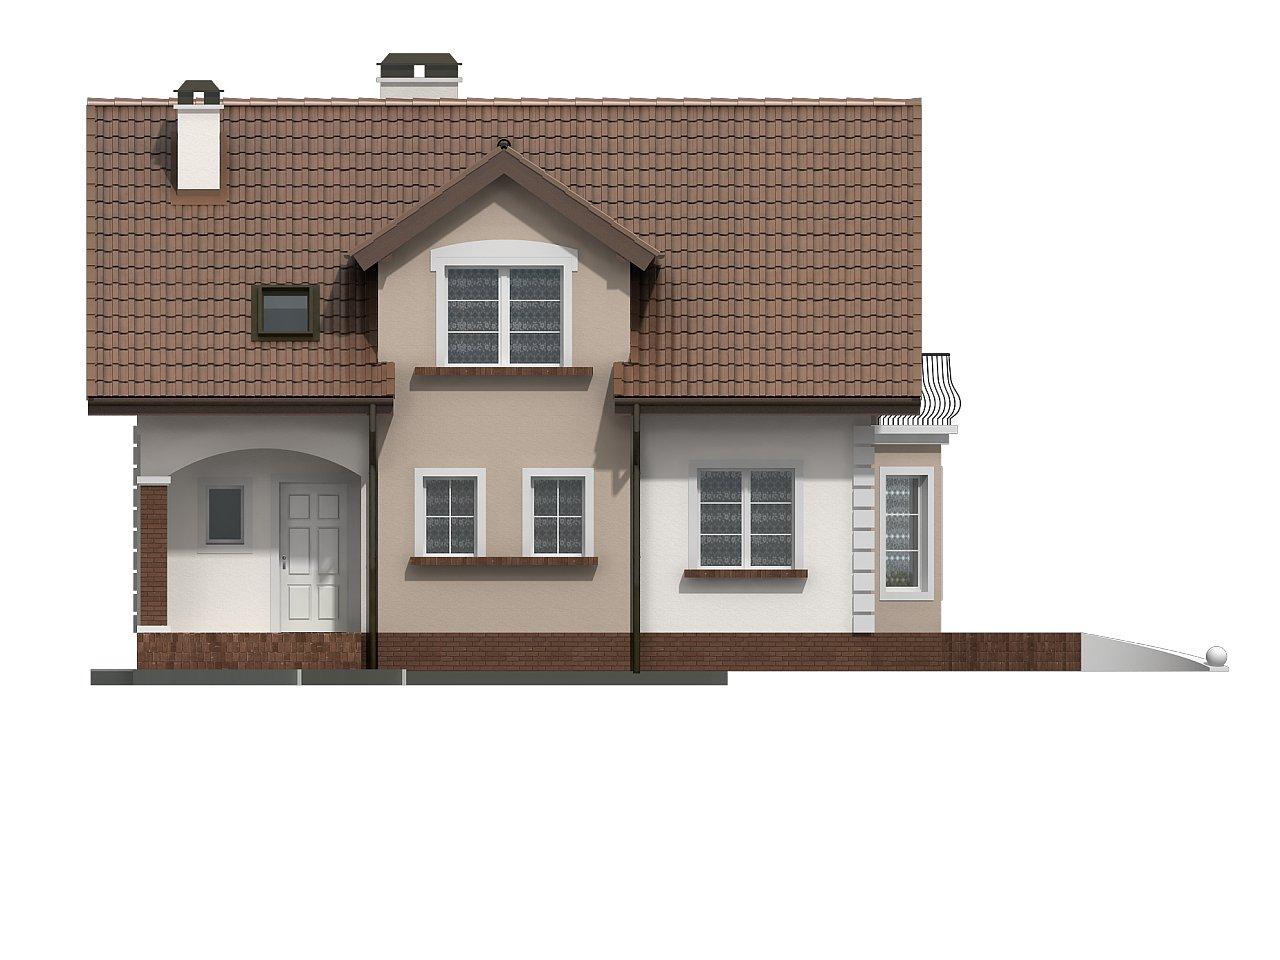 Элегантный дом с мансардой, эркером и балконом над ним. 5